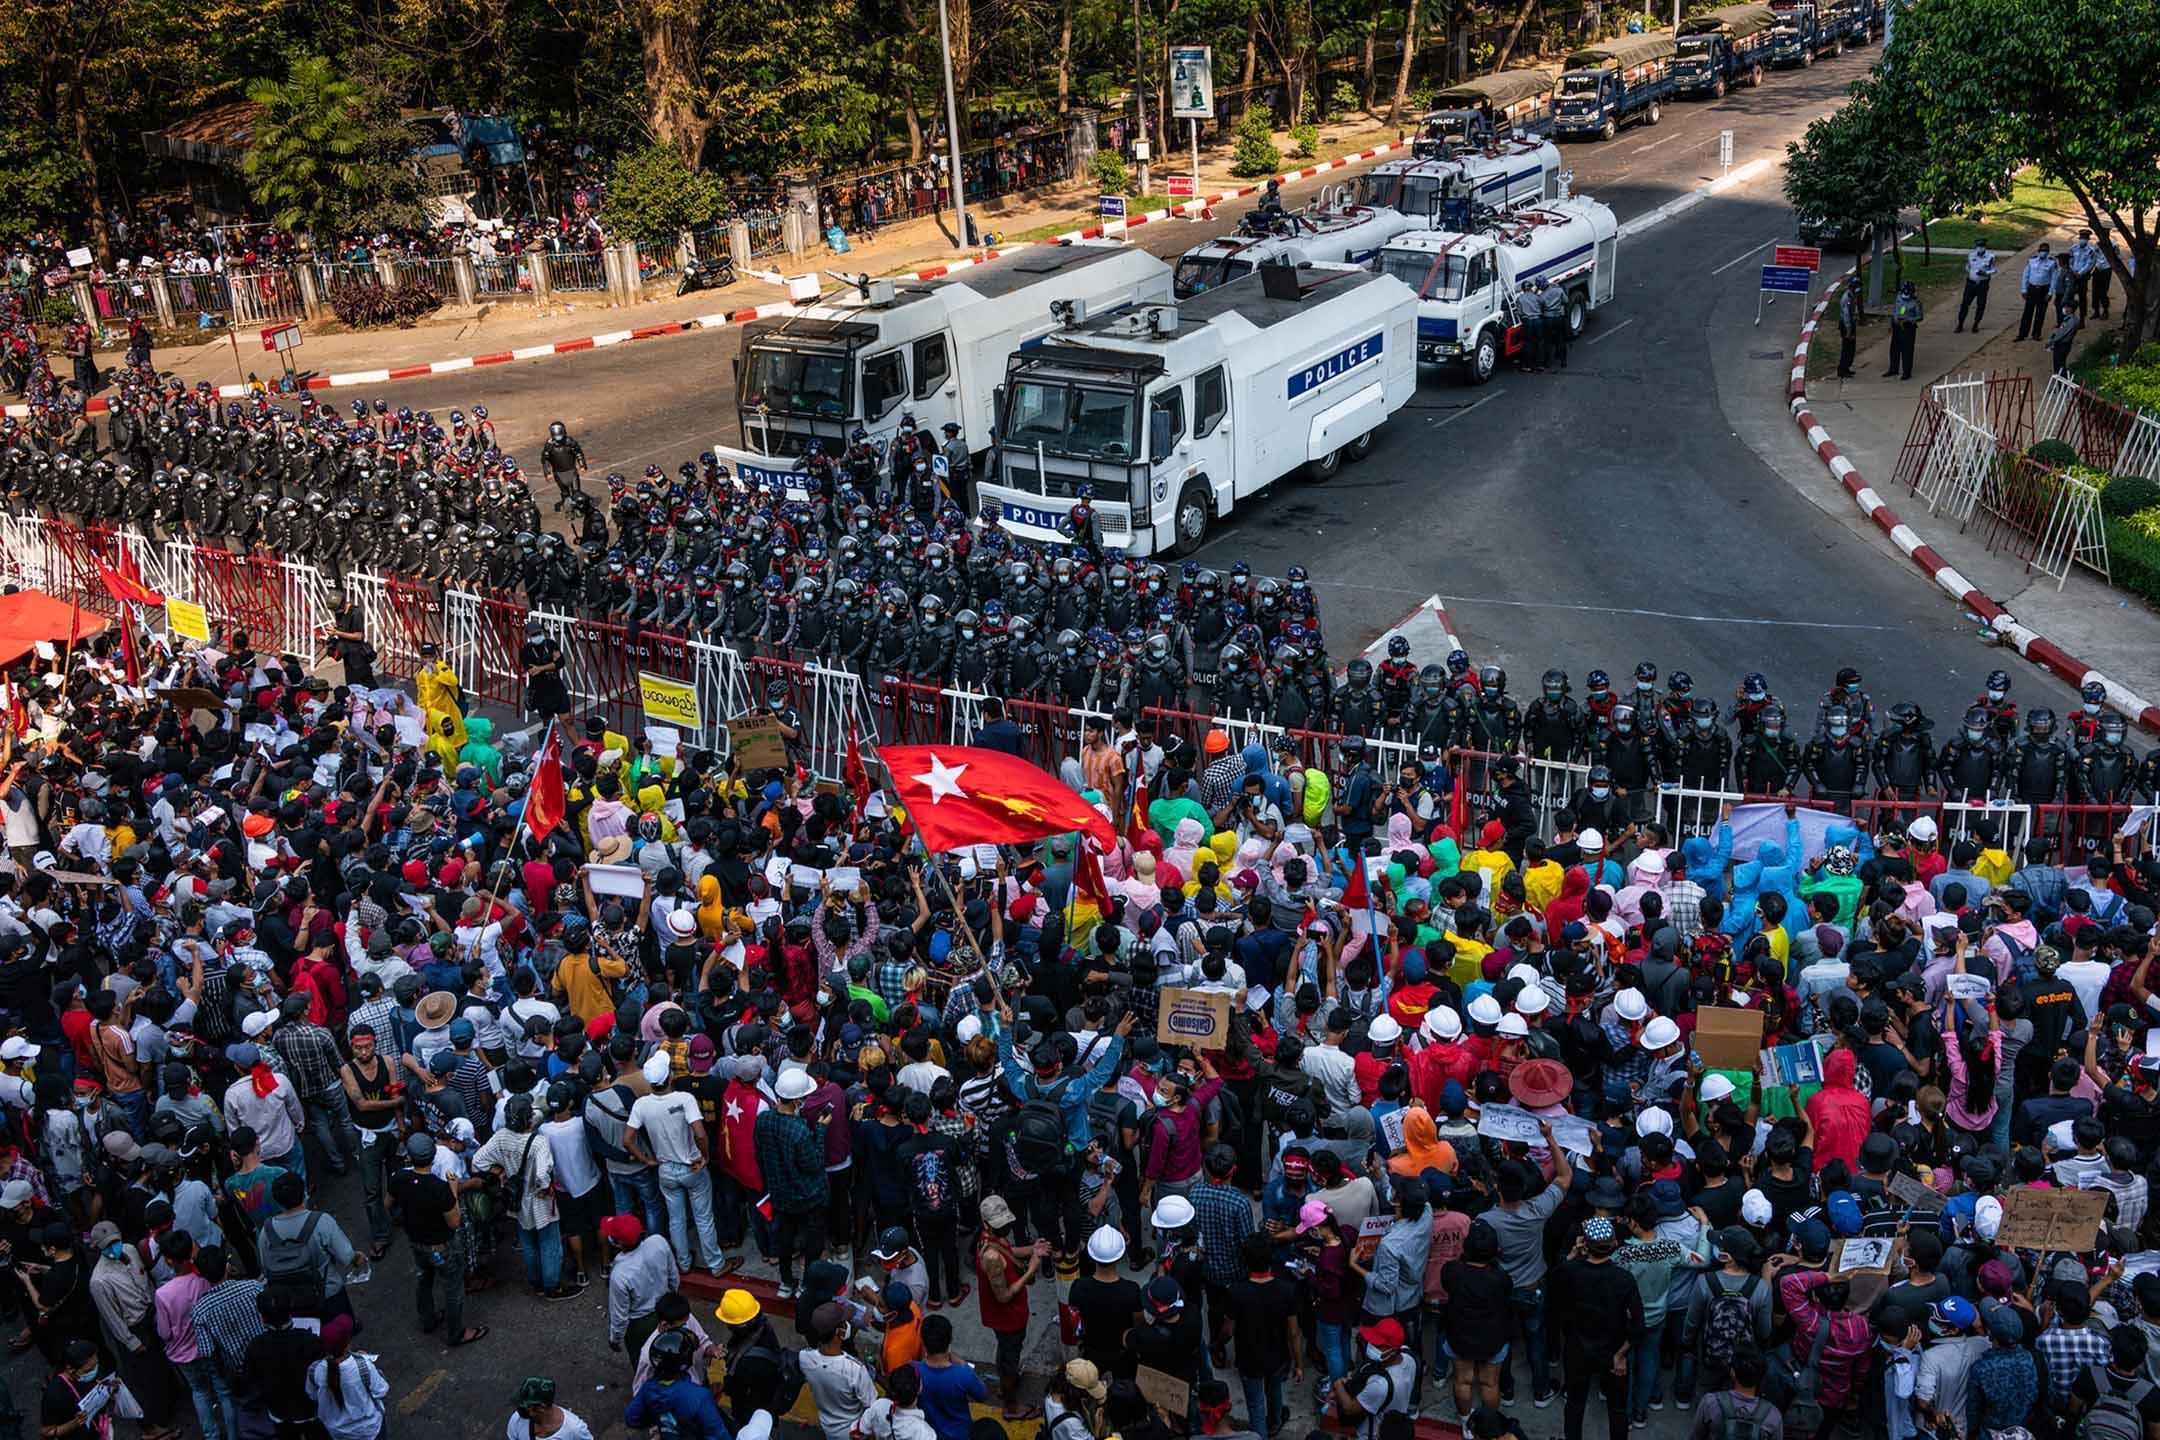 2021年2月9日緬甸仰光 ,示威者在防暴警察的路障旁。